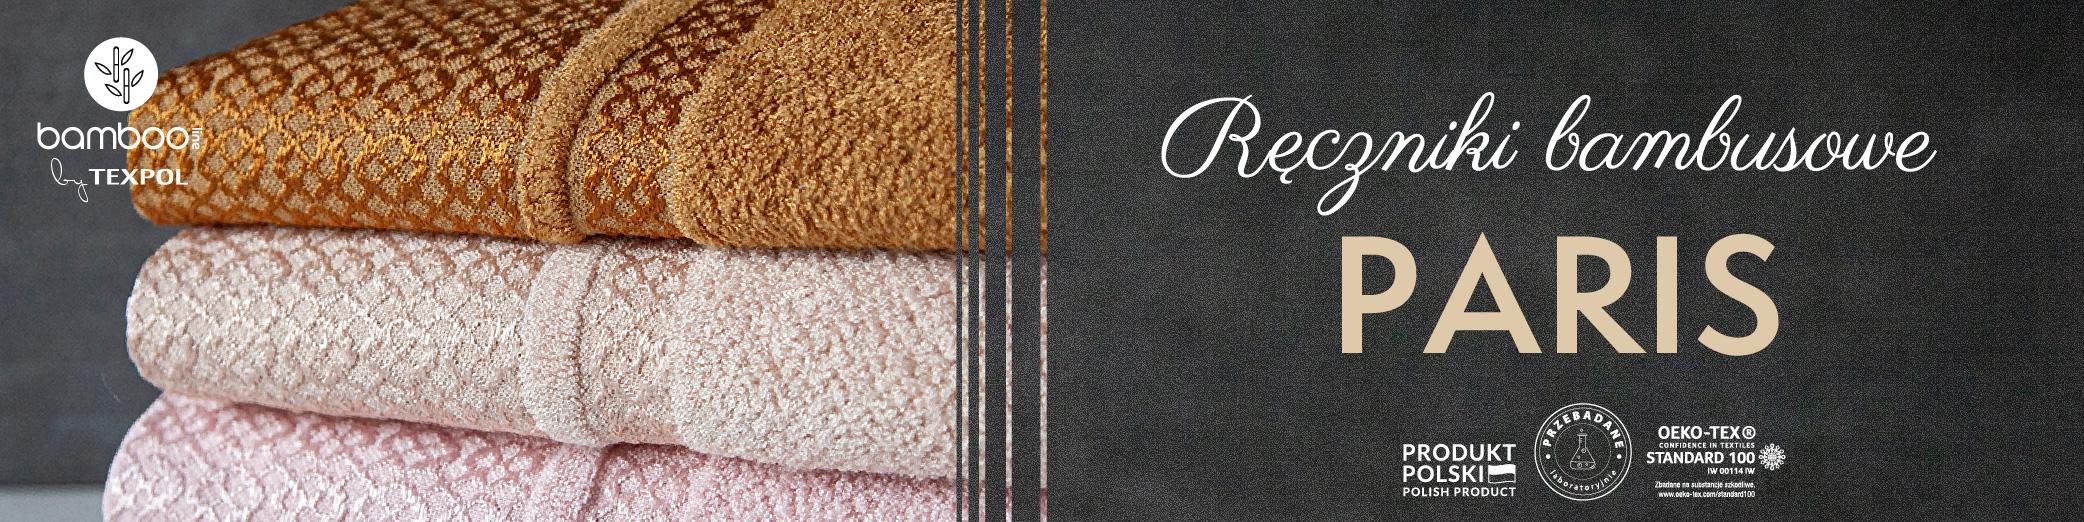 Ręcznik bambusowy PARIS